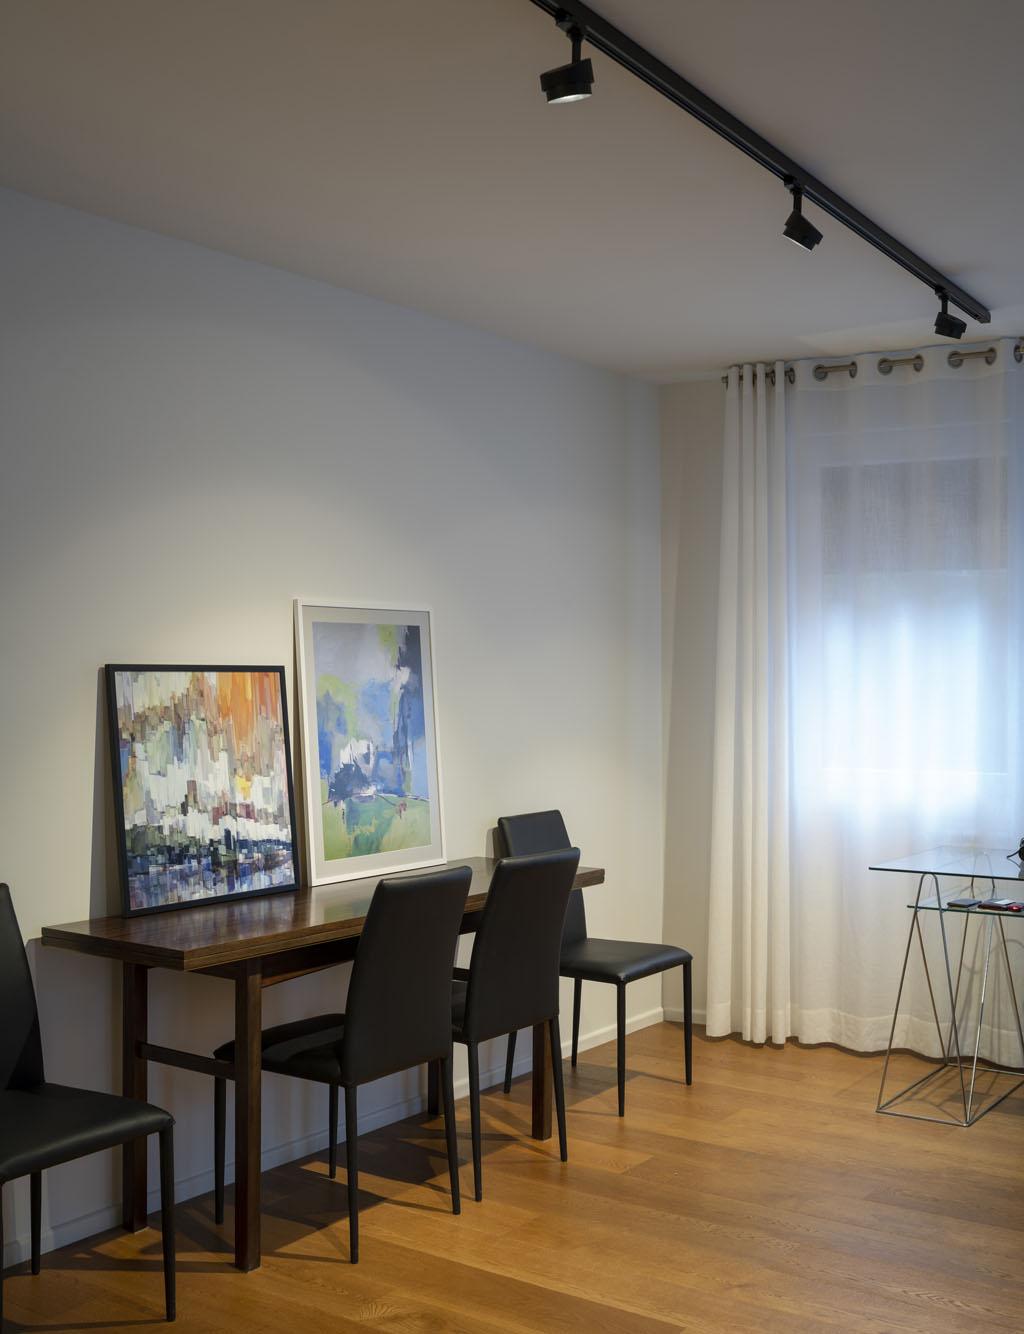 PISO.E_WEB_019-Erlantz Biderbost fotografo de arquitectura e interiores